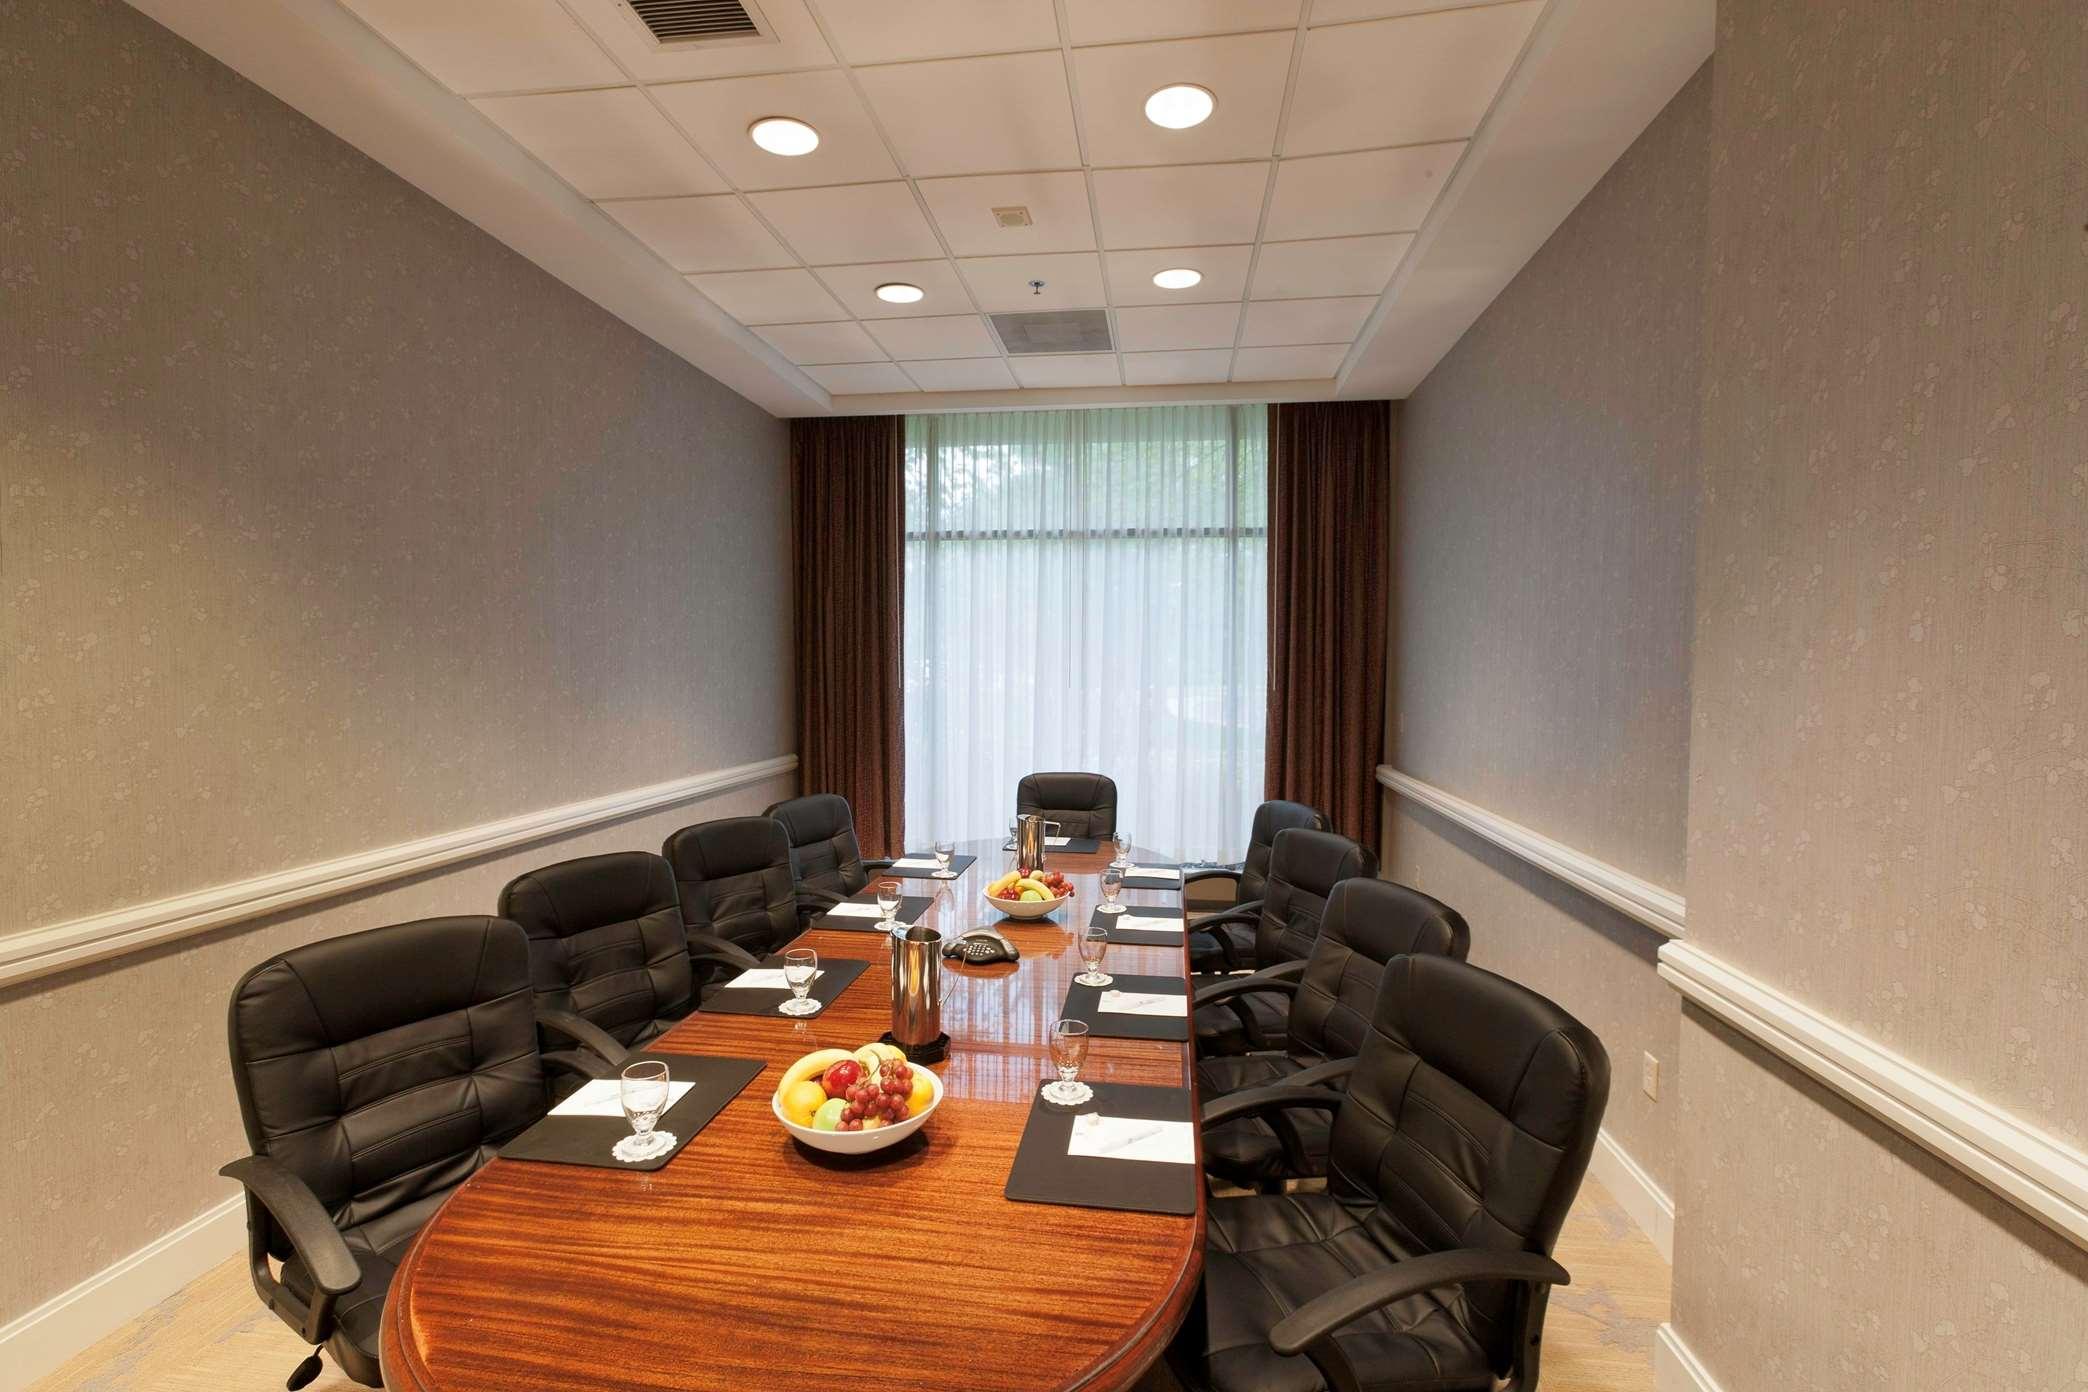 Embassy Suites by Hilton Detroit Troy Auburn Hills image 35